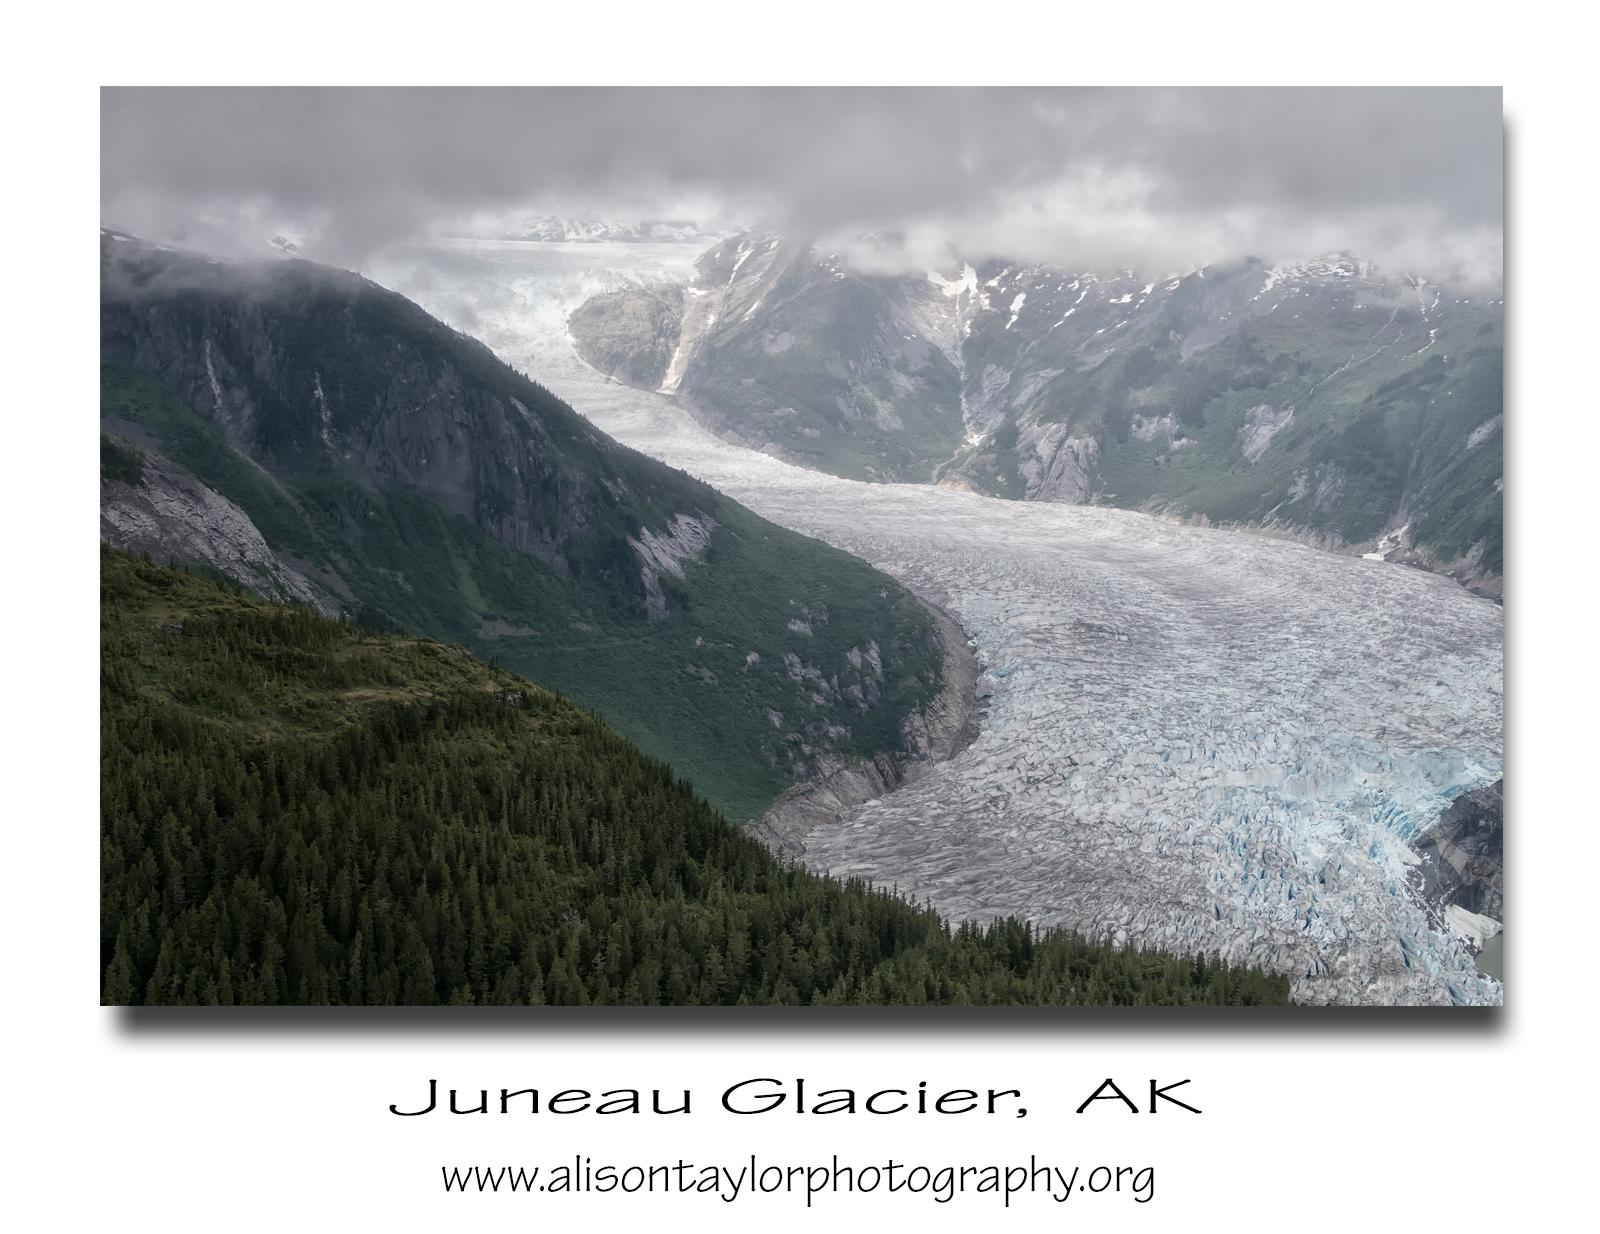 juneau glacier frame.jpg